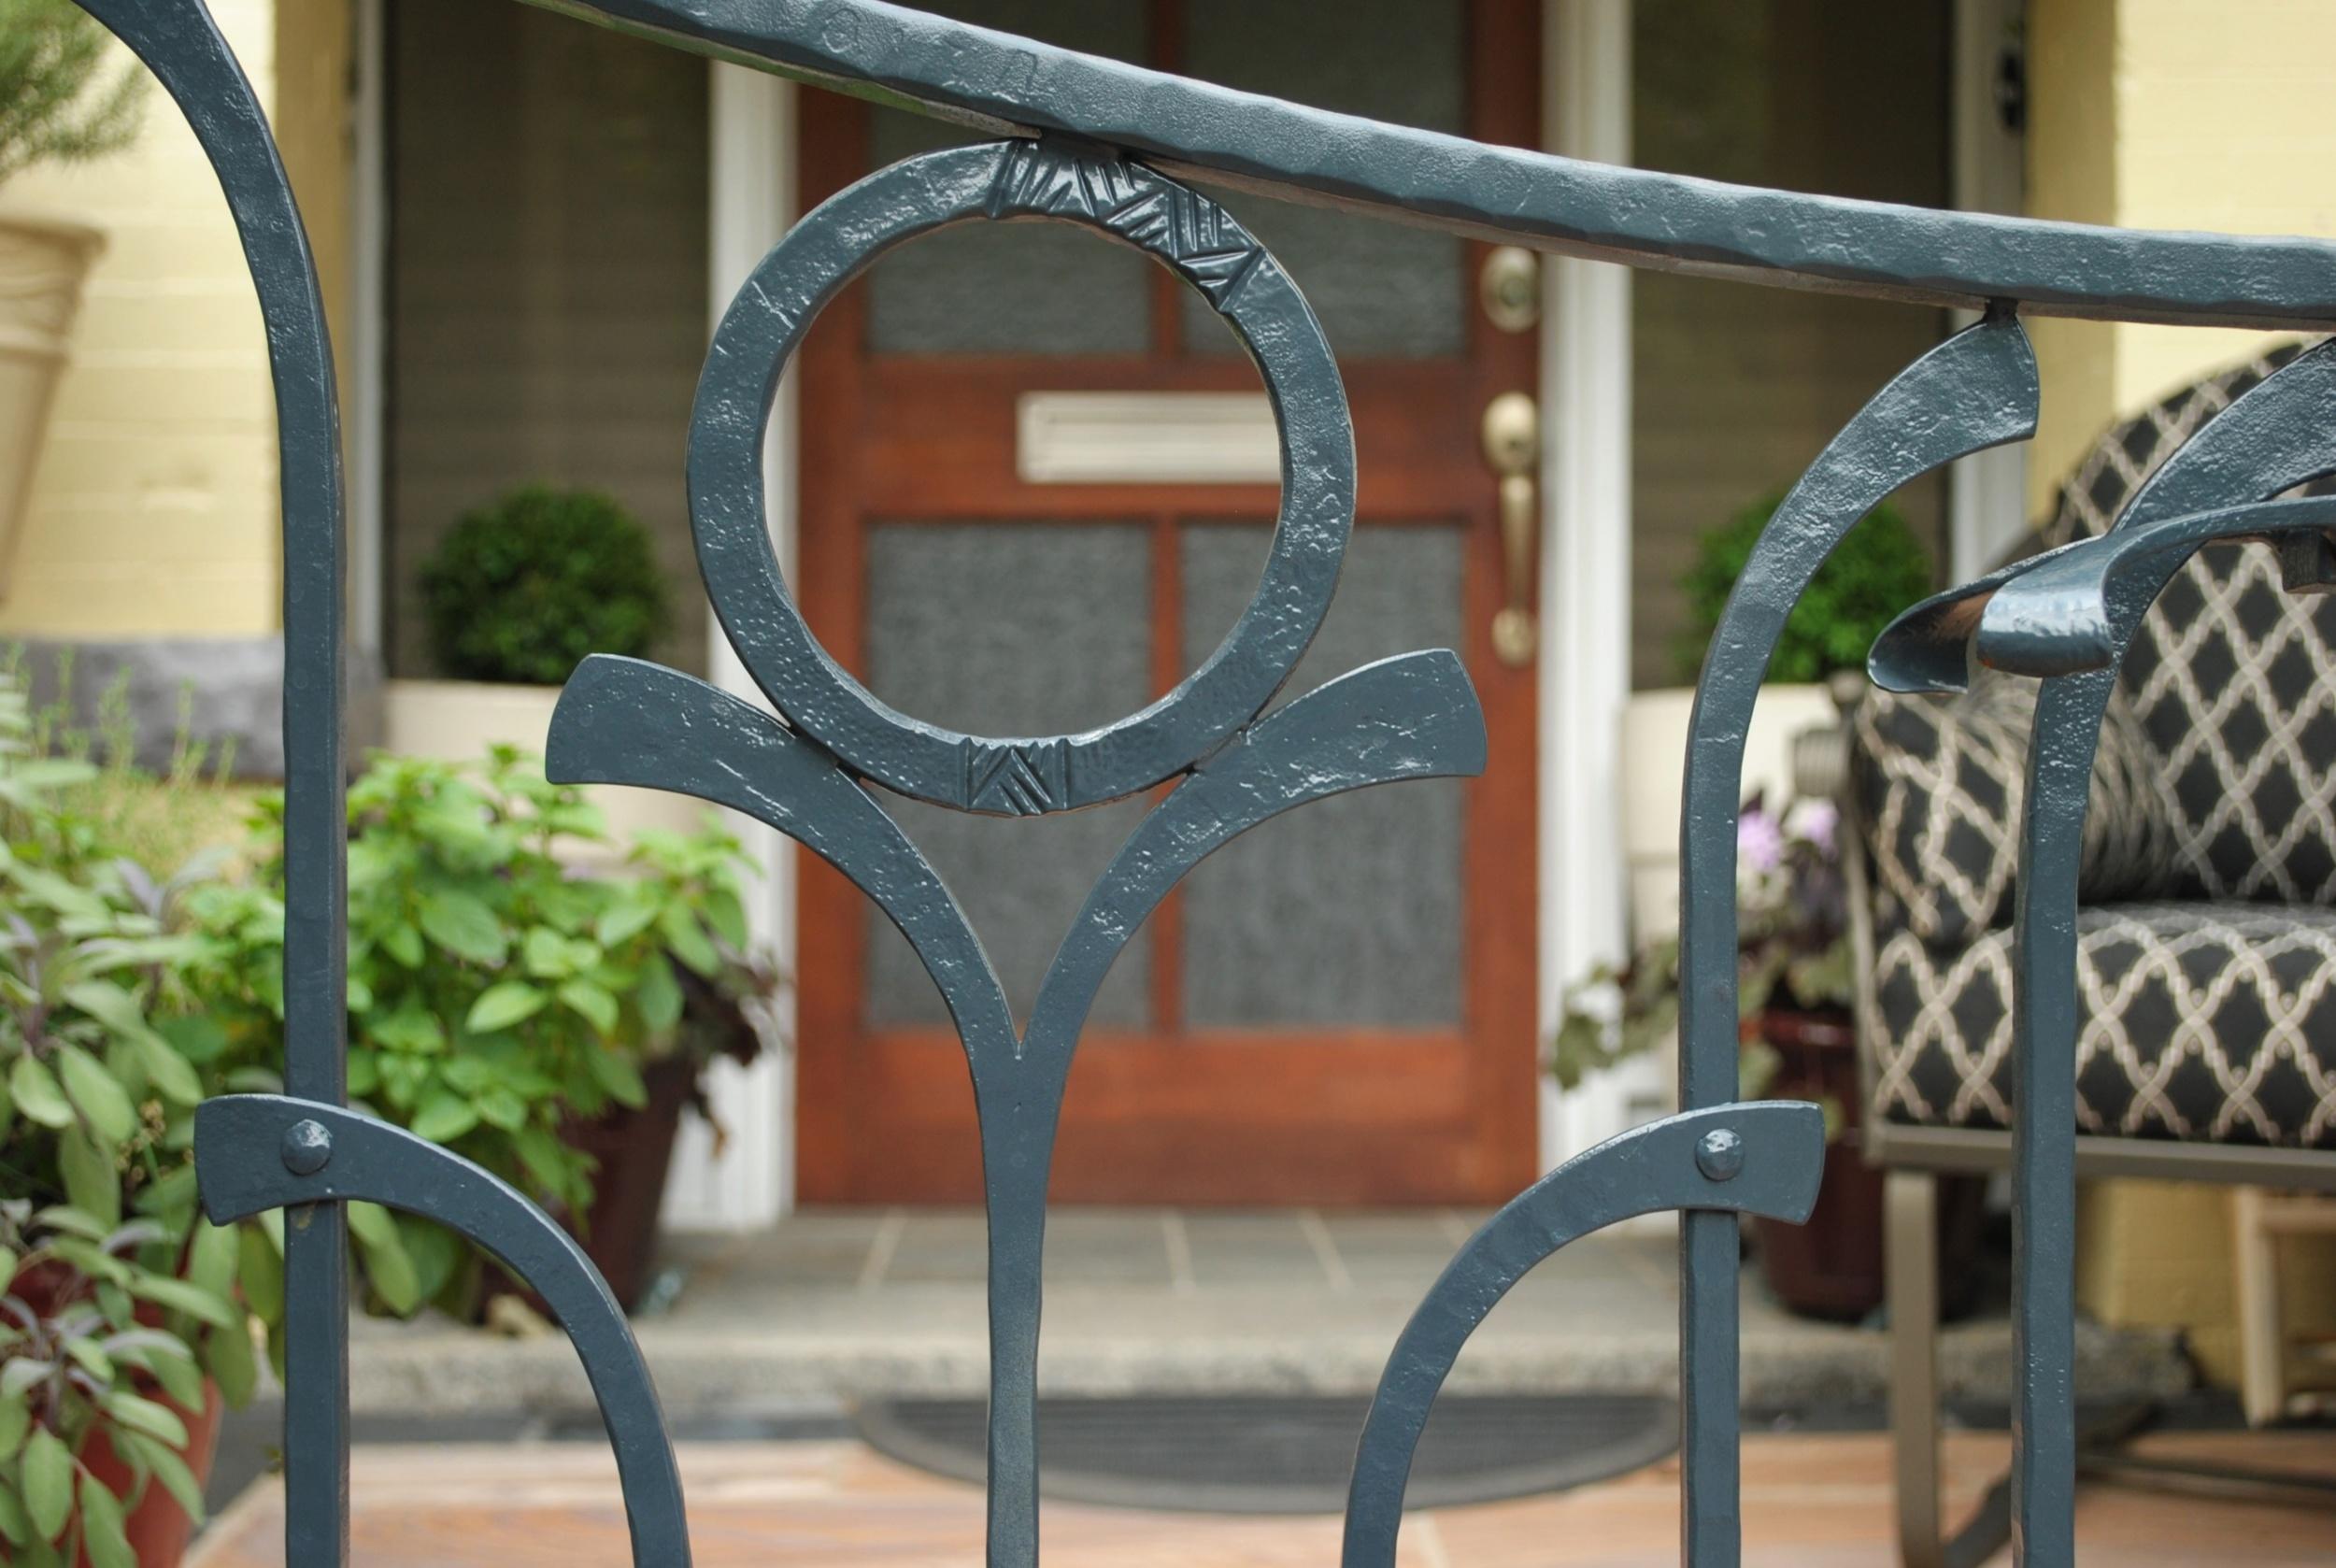 Porch railing gate detail